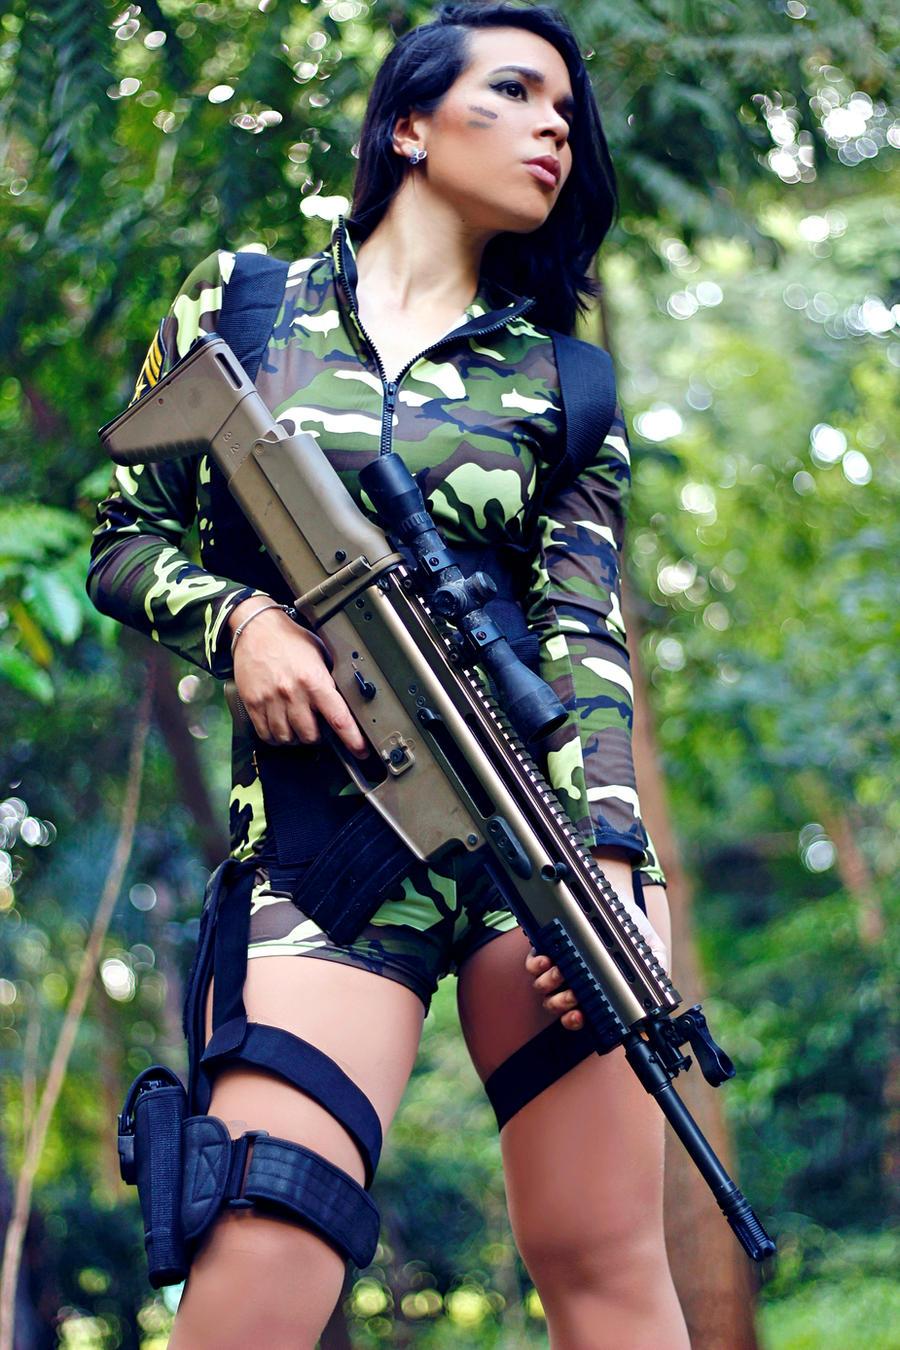 фото девушек брюнеток с оружием в военной форме позе раком, трахается